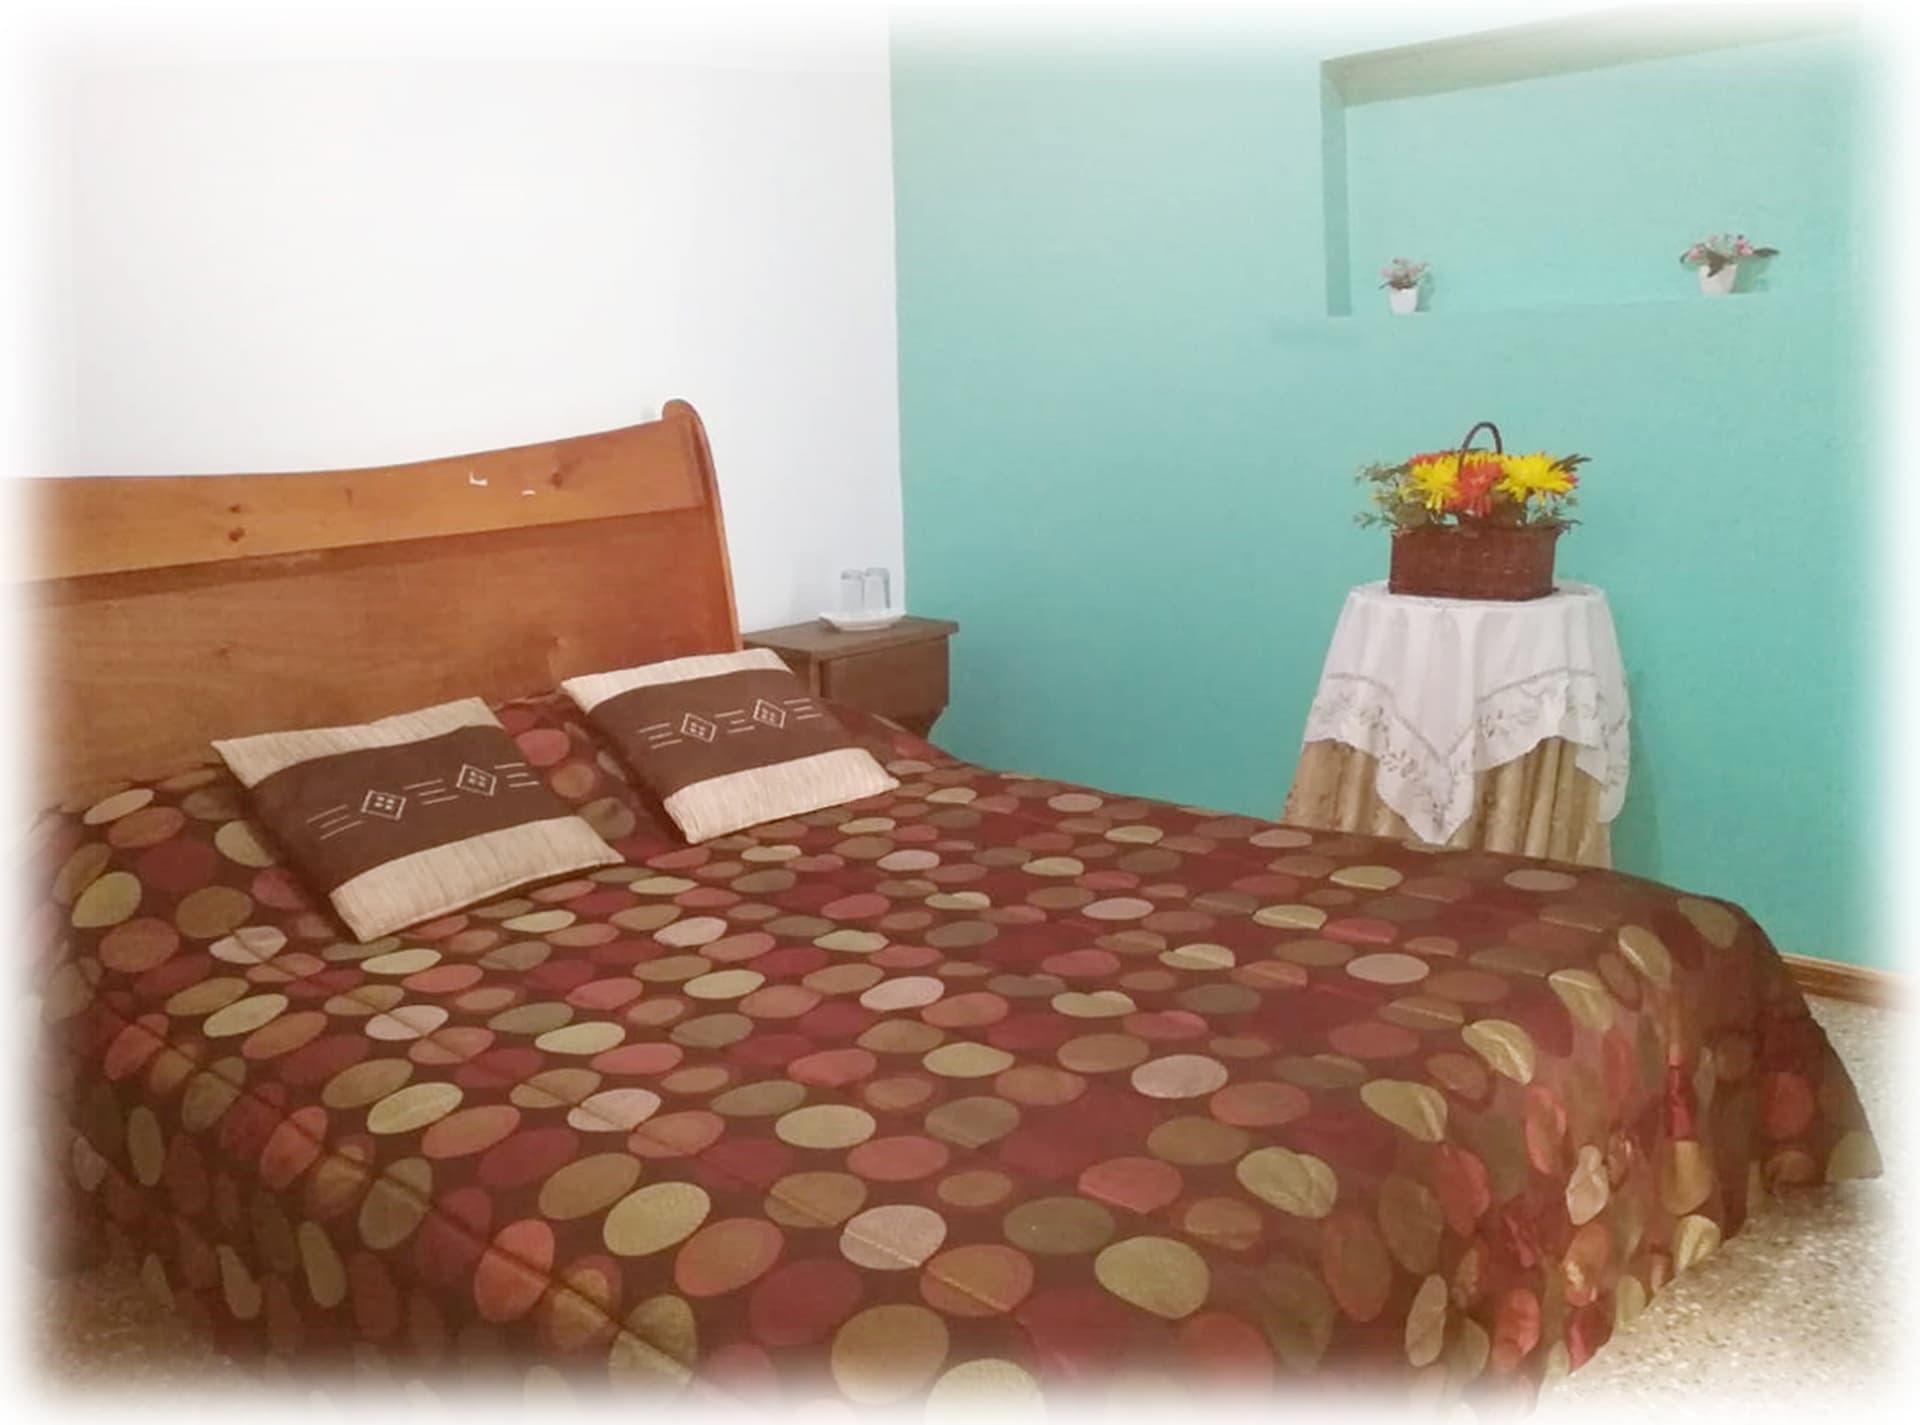 Gaudys Backpackers Hostel